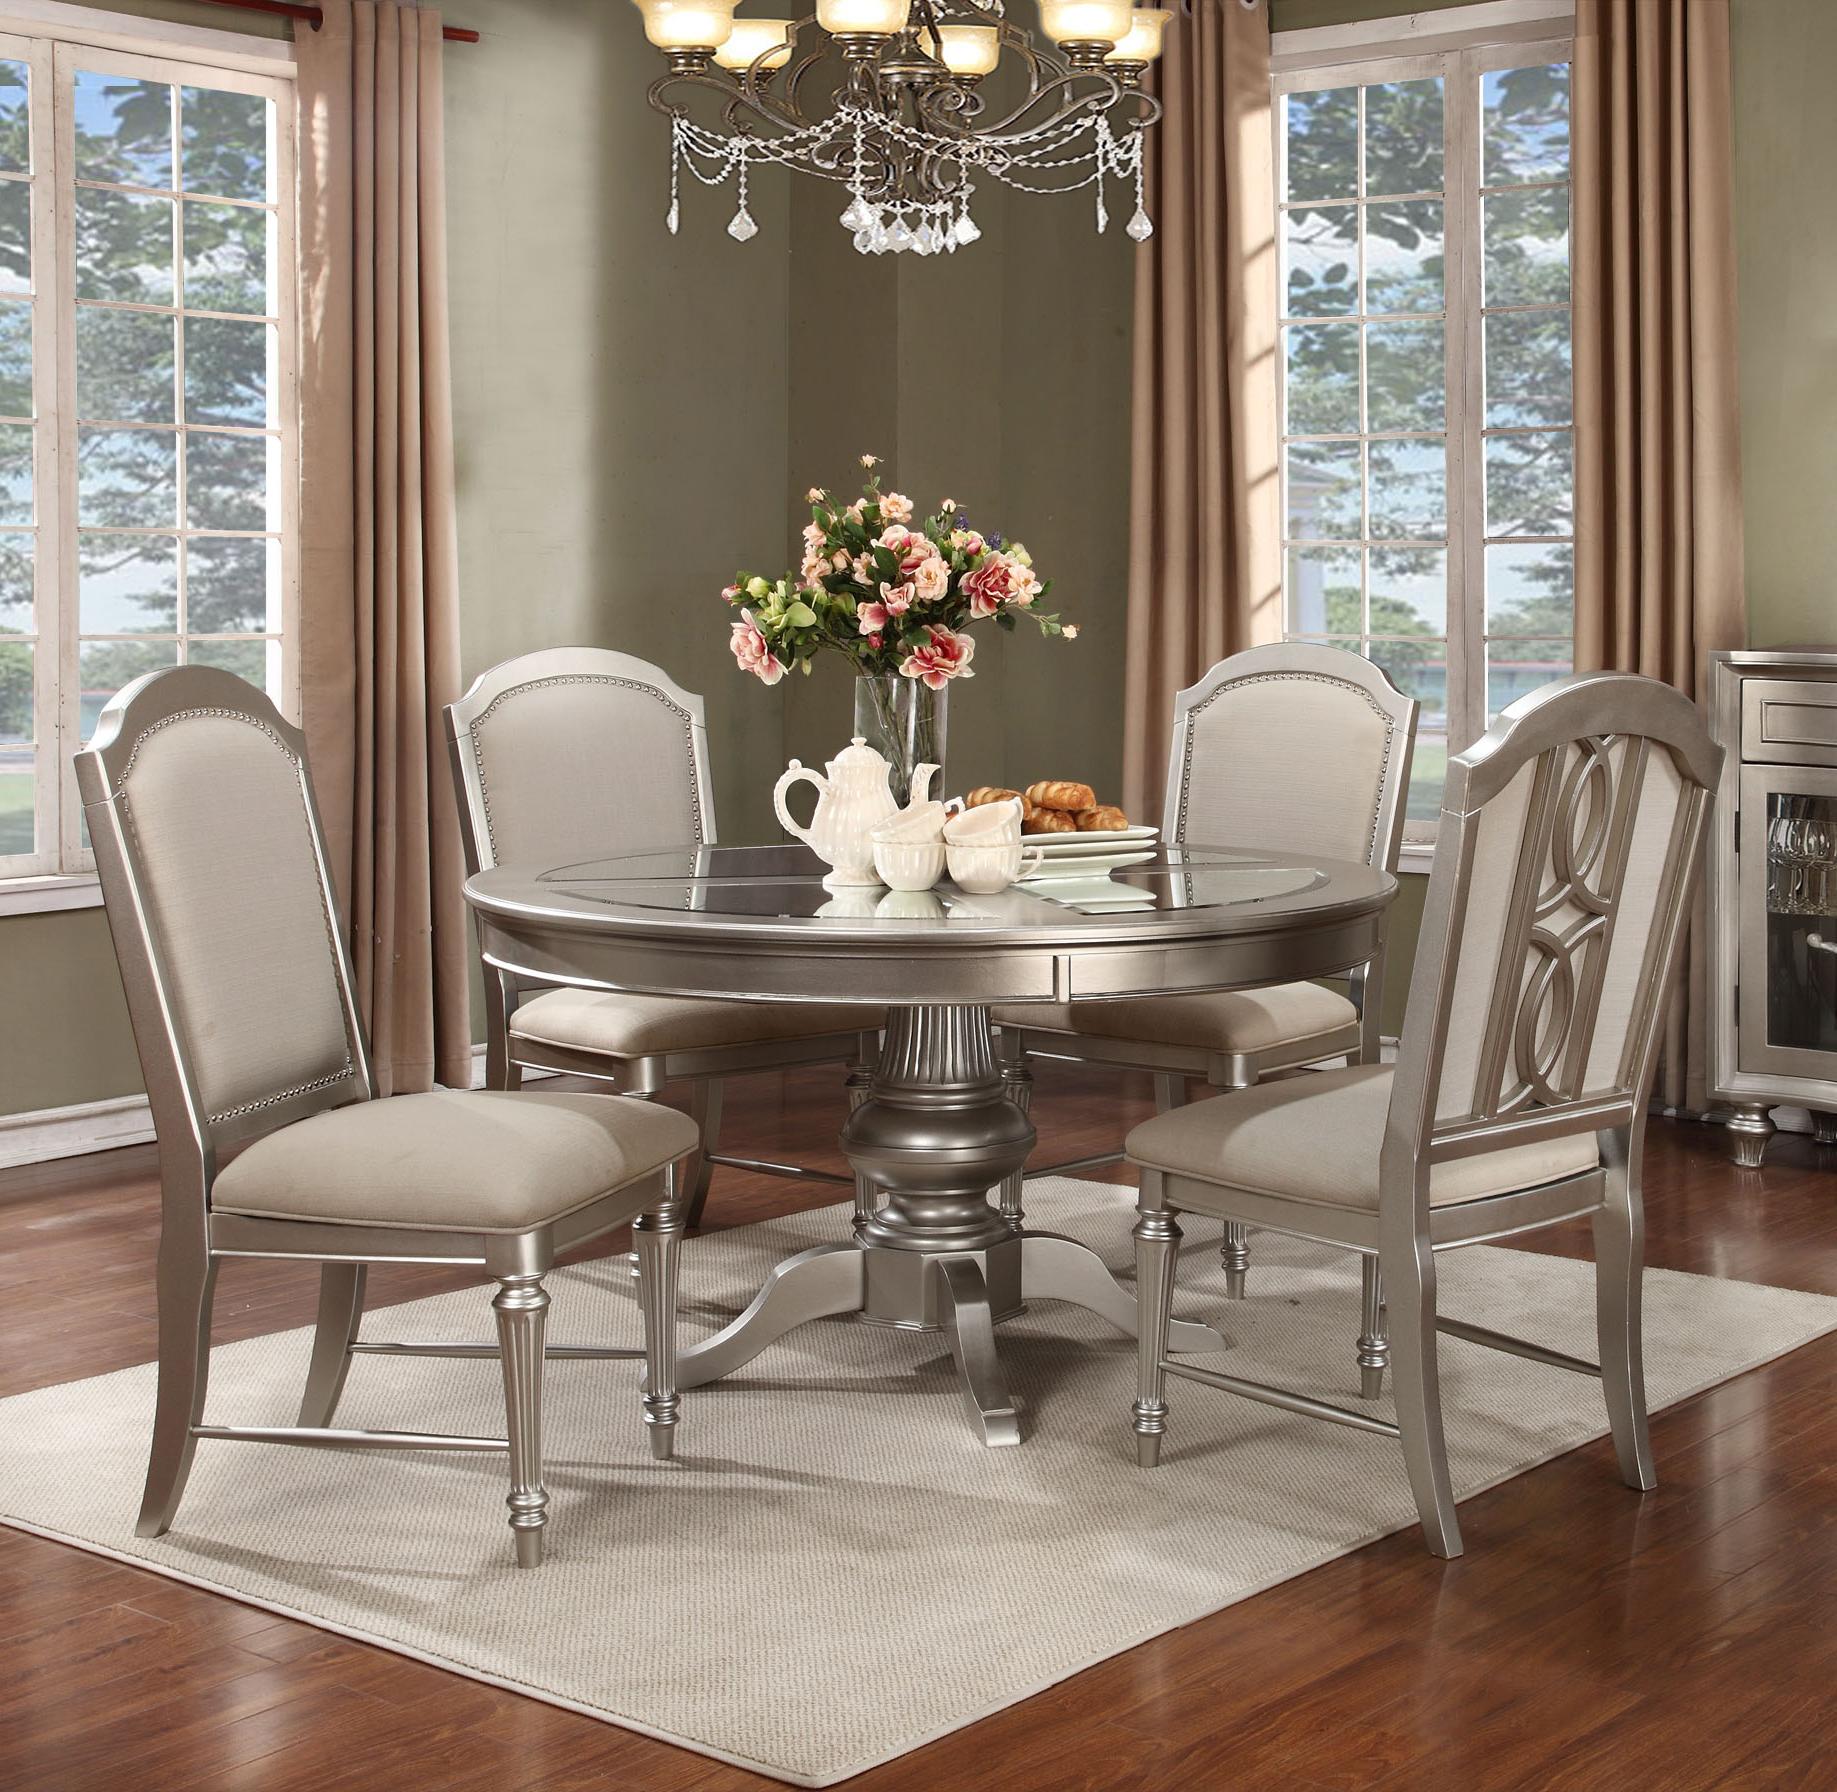 34+ Dining room sets tampa fl Best Seller